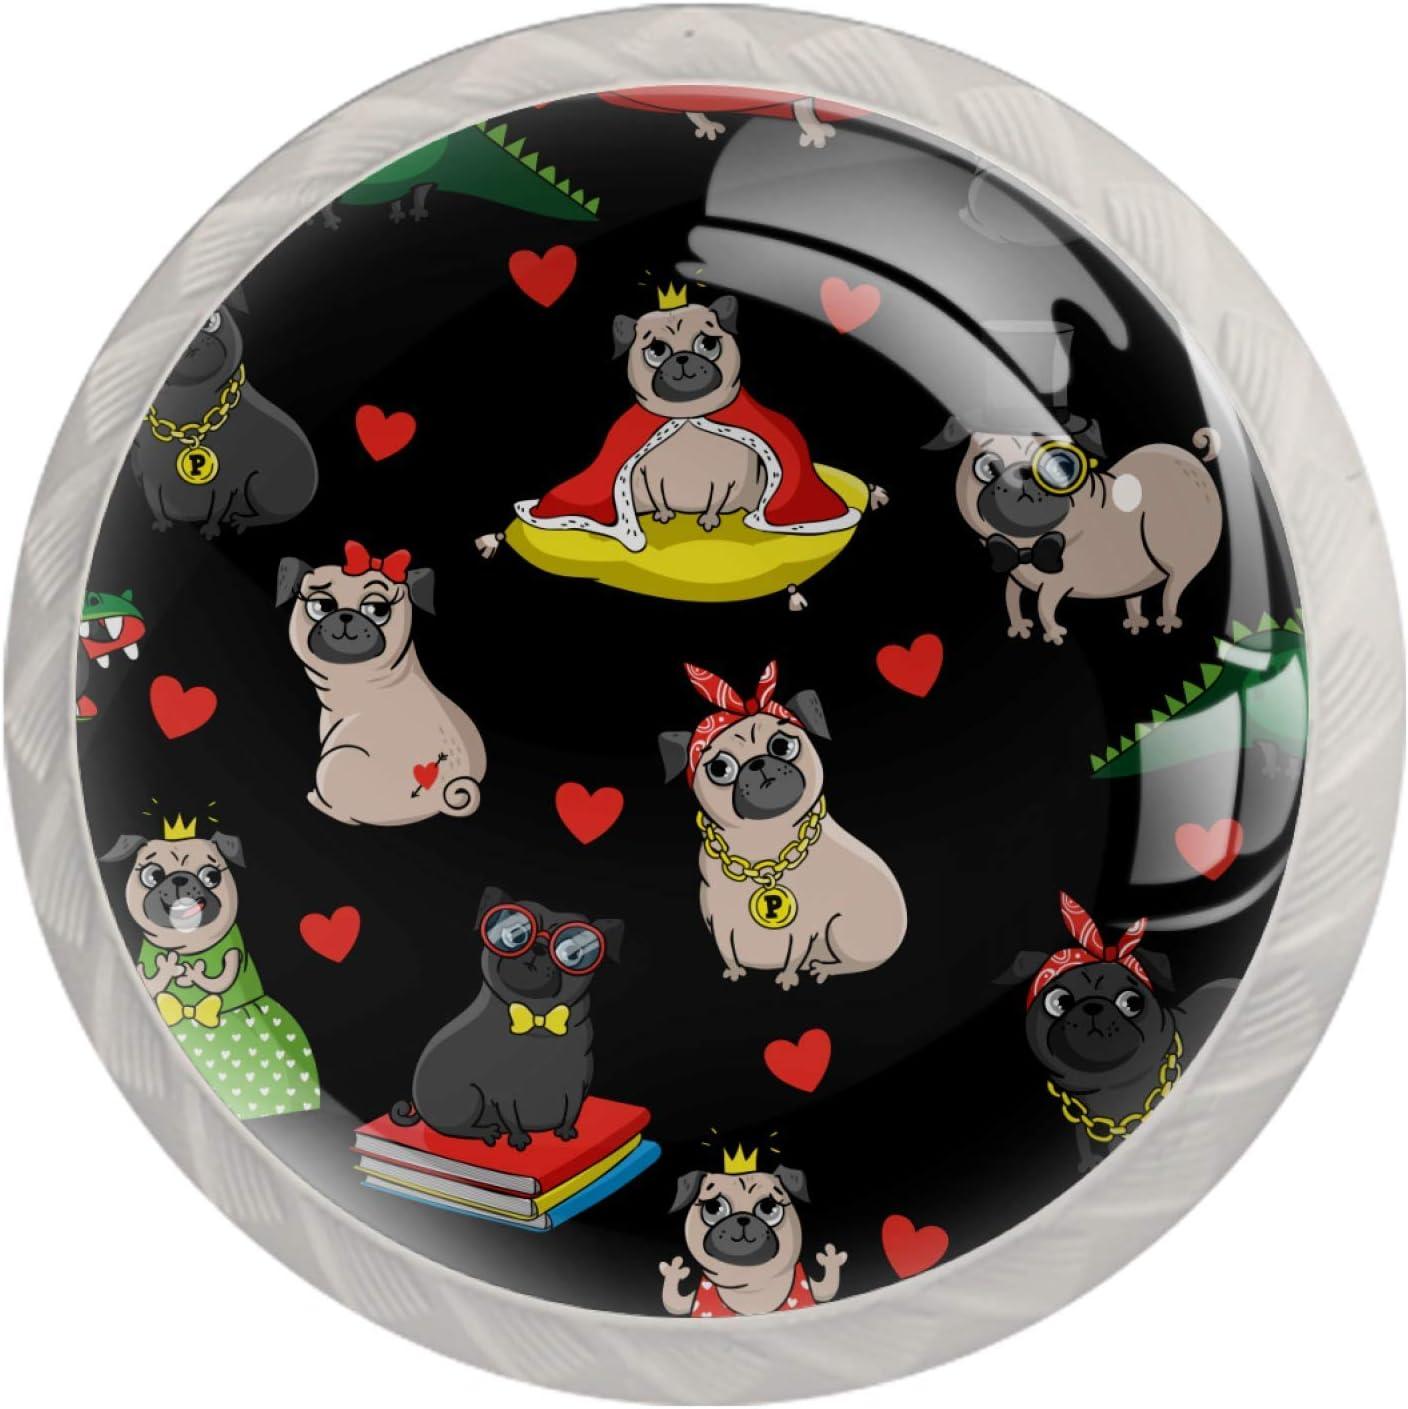 Perillas redondas para aparador (4 piezas) – Colorido diseño floral cajón manija de decoración del hogar perillas de tirones divertidos King Pug Puppy Dog Crown Heart